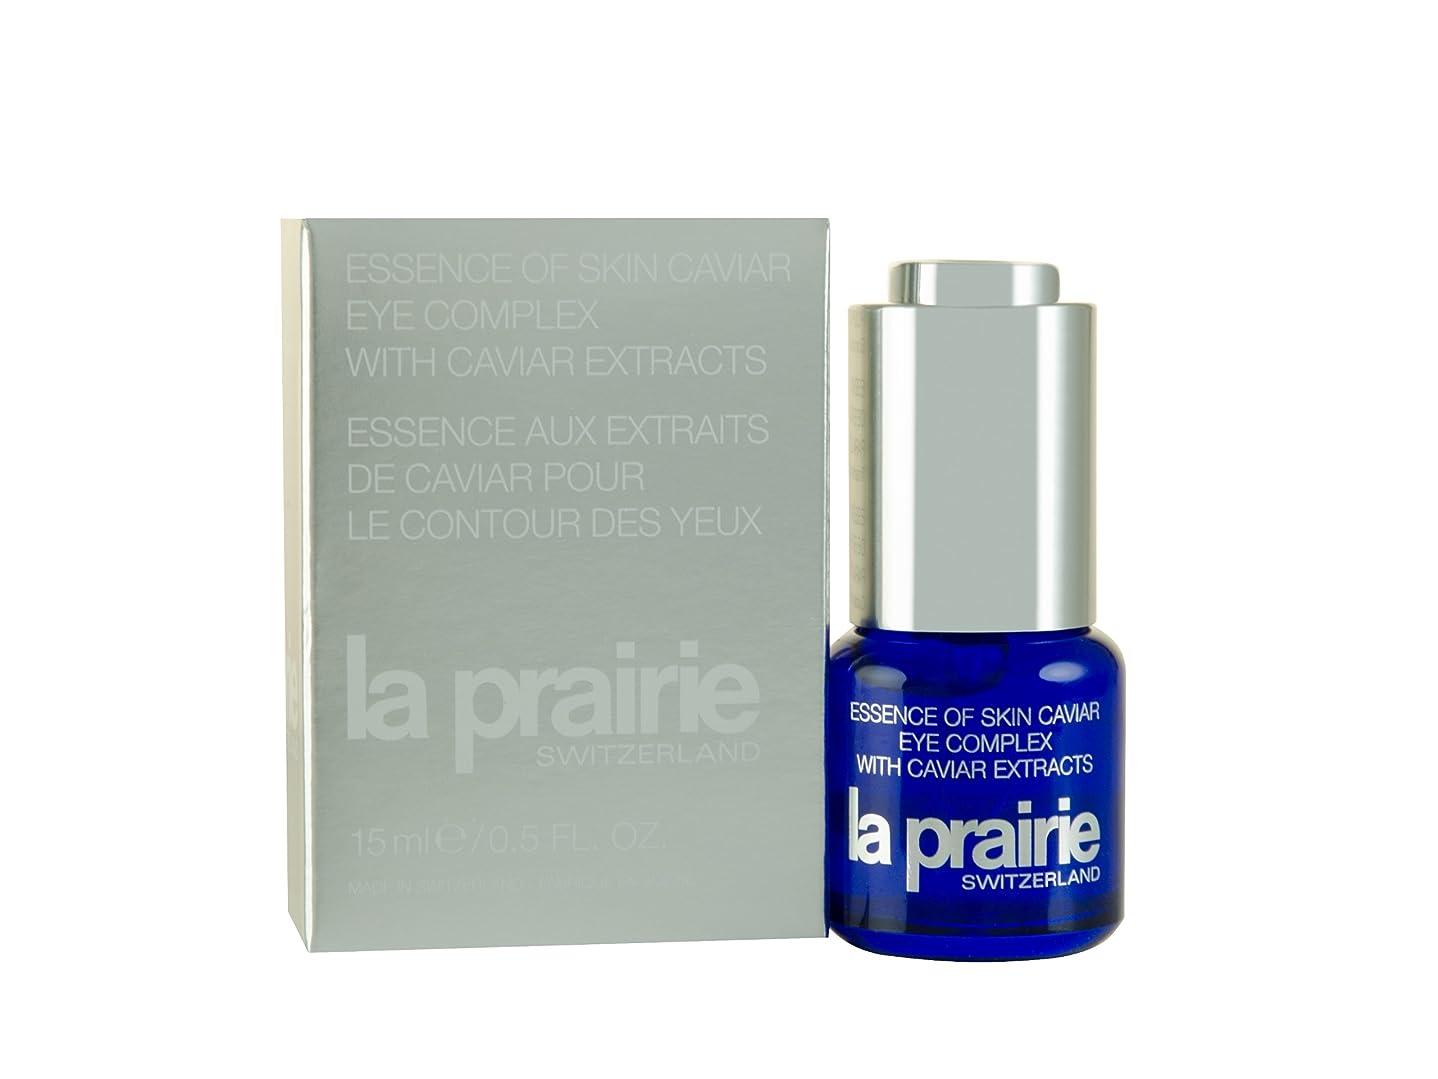 甘美なバンジージャンプ取得するLa Prairie SKIN CAVIAR essence eye complex 15ml [海外直送品] [並行輸入品]